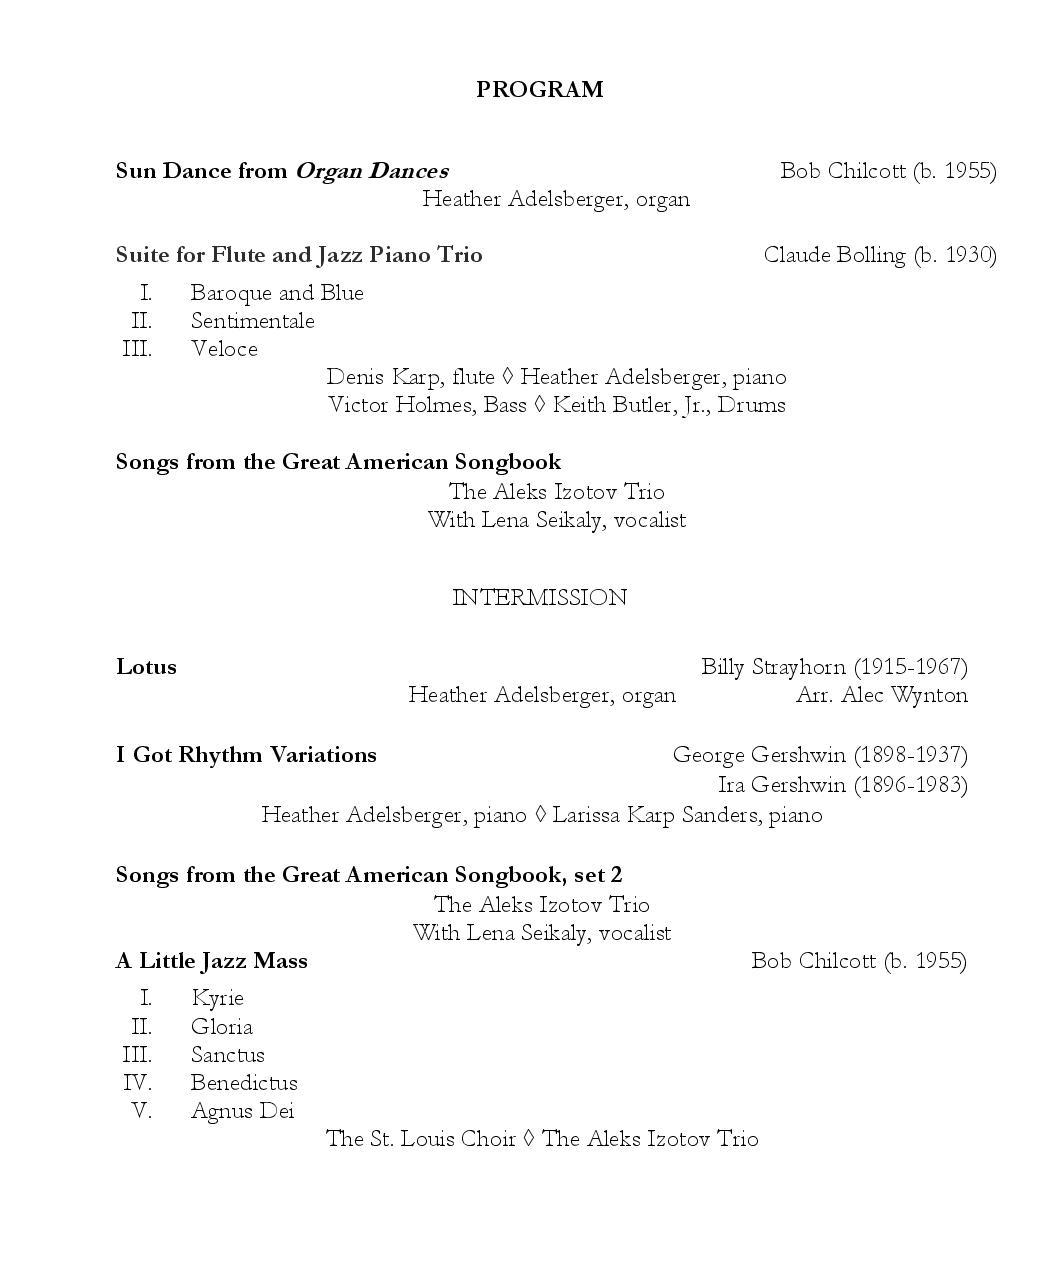 JazzProgram_20190301_FINAL-Website-page-003.jpg